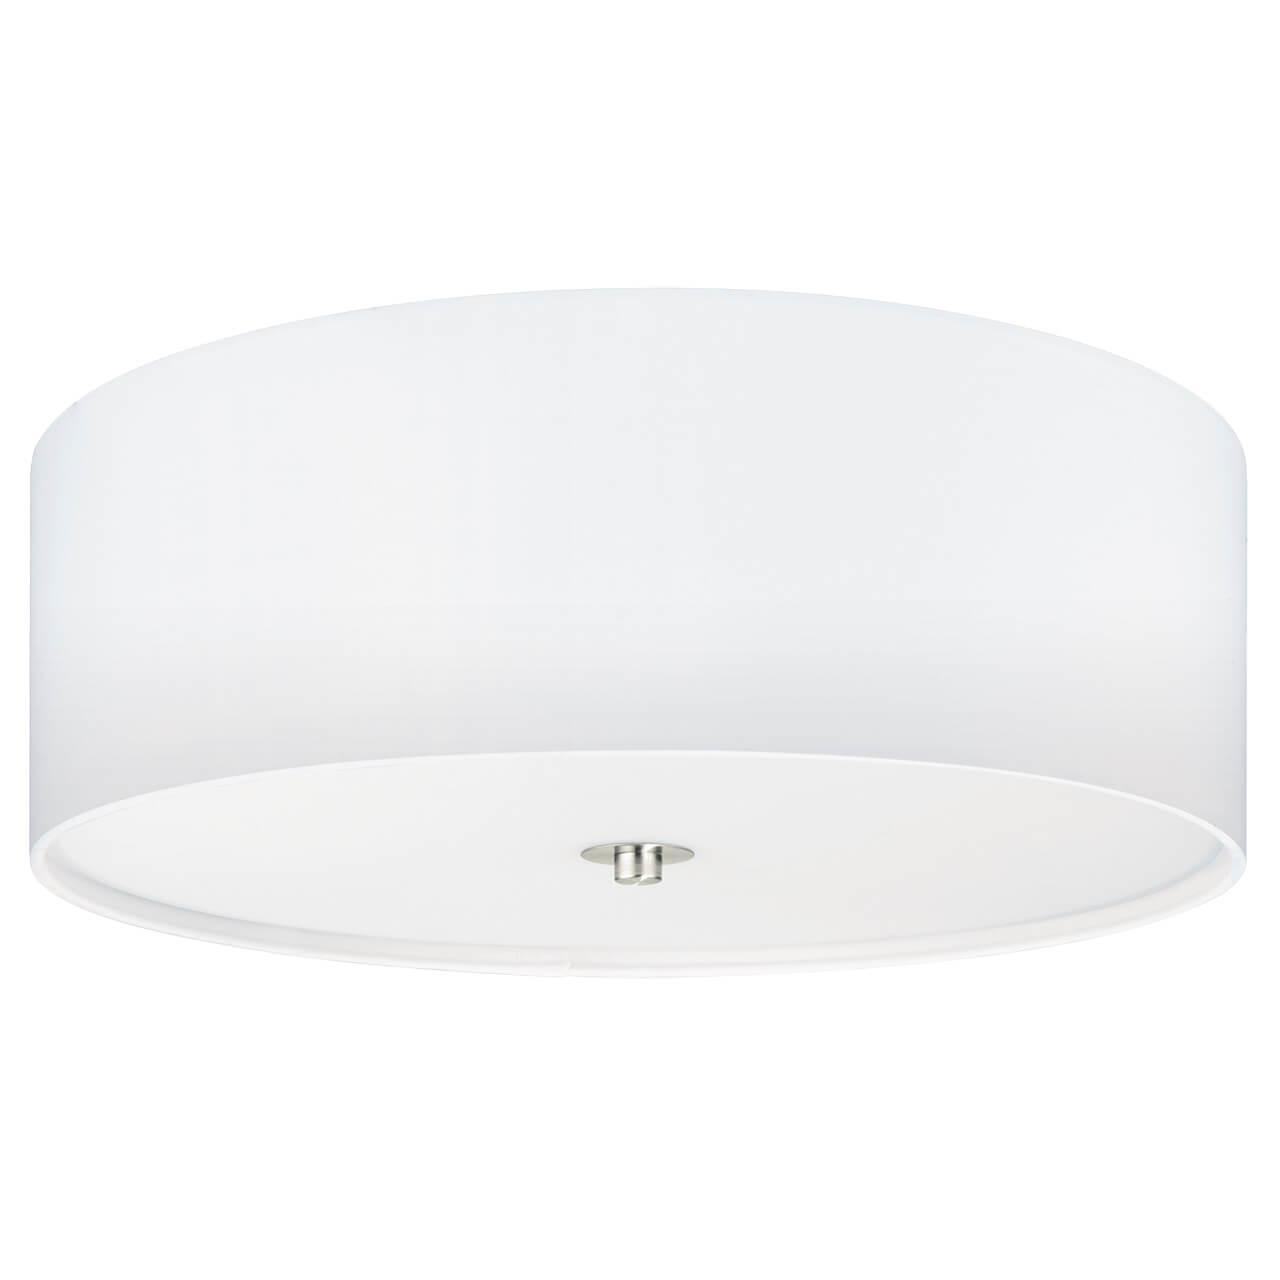 Настенно-потолочный светильник Eglo 94918, E27, 60 Вт потолочный светильник eglo pasteri 94919